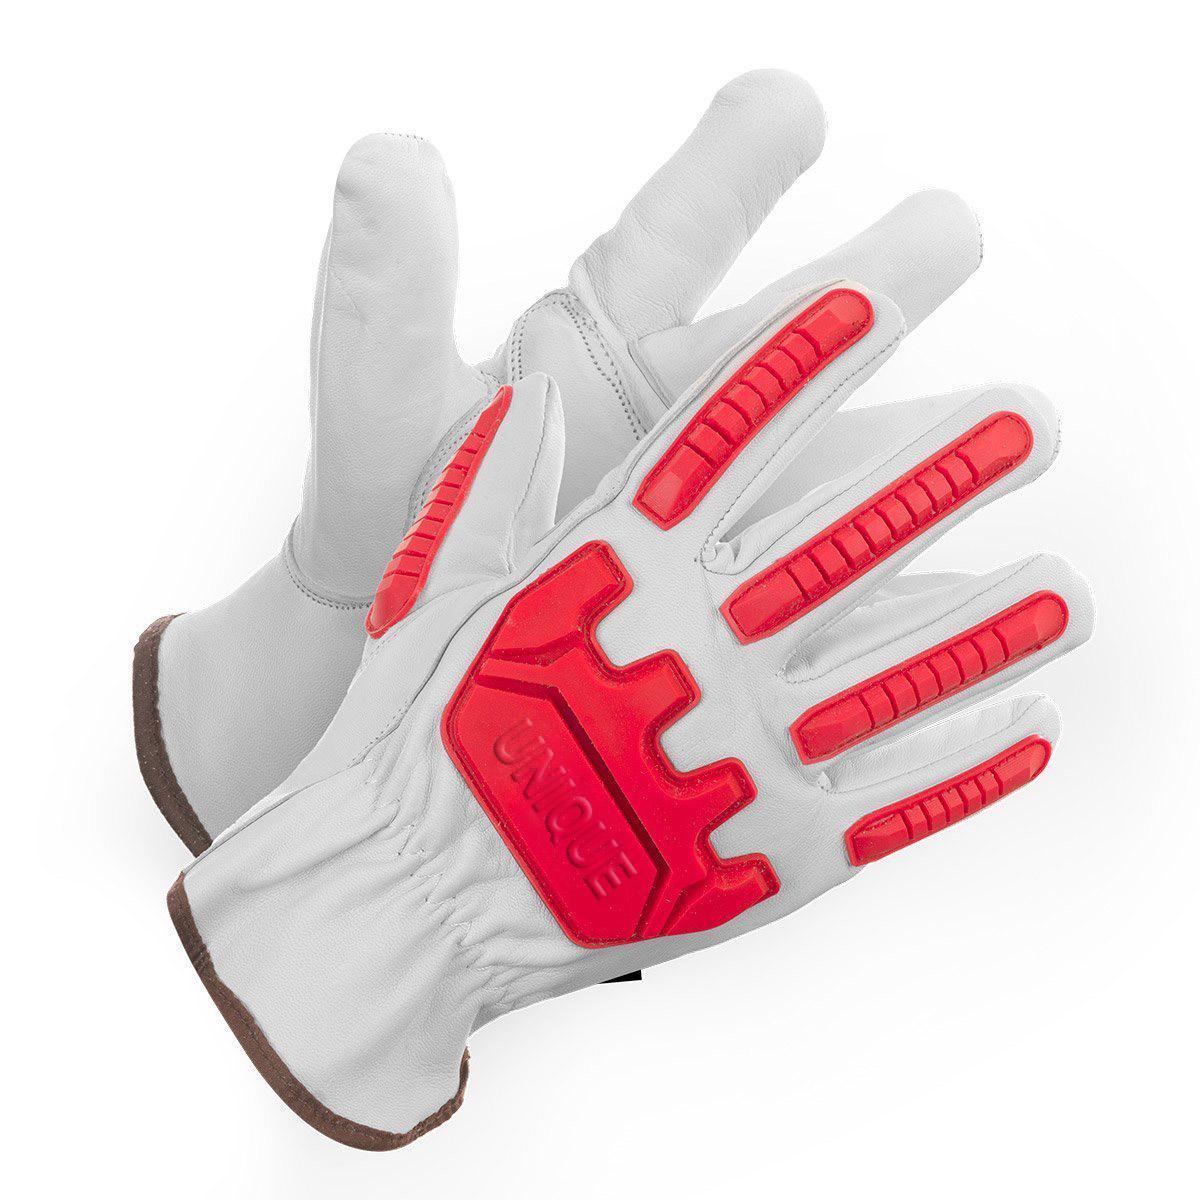 Natural Goat Skin Leather Glove Keystone Thumb